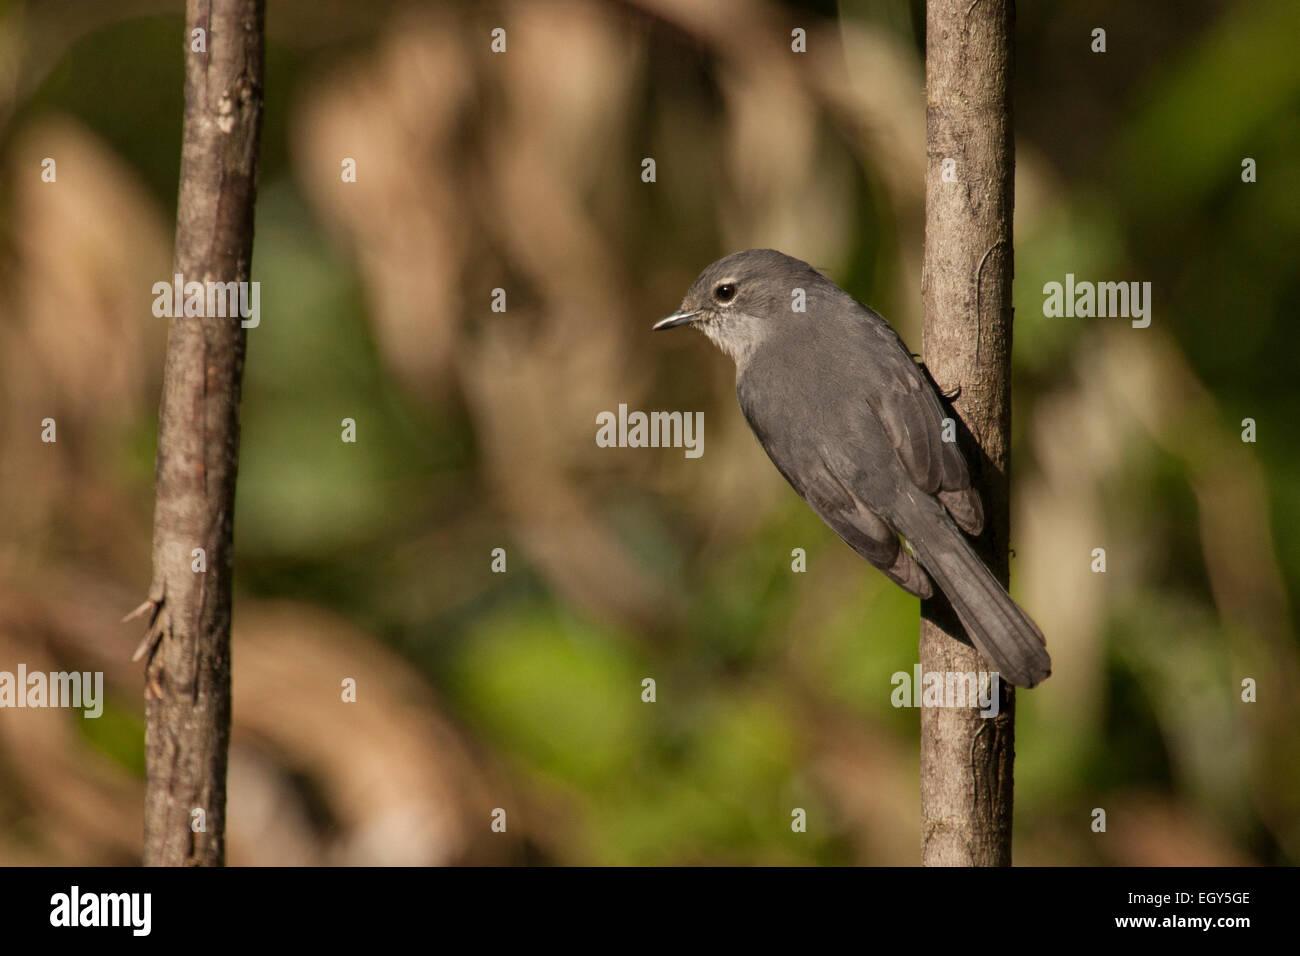 White-eyed slaty flycatcher (Melaenornis fischeri) - Stock Image